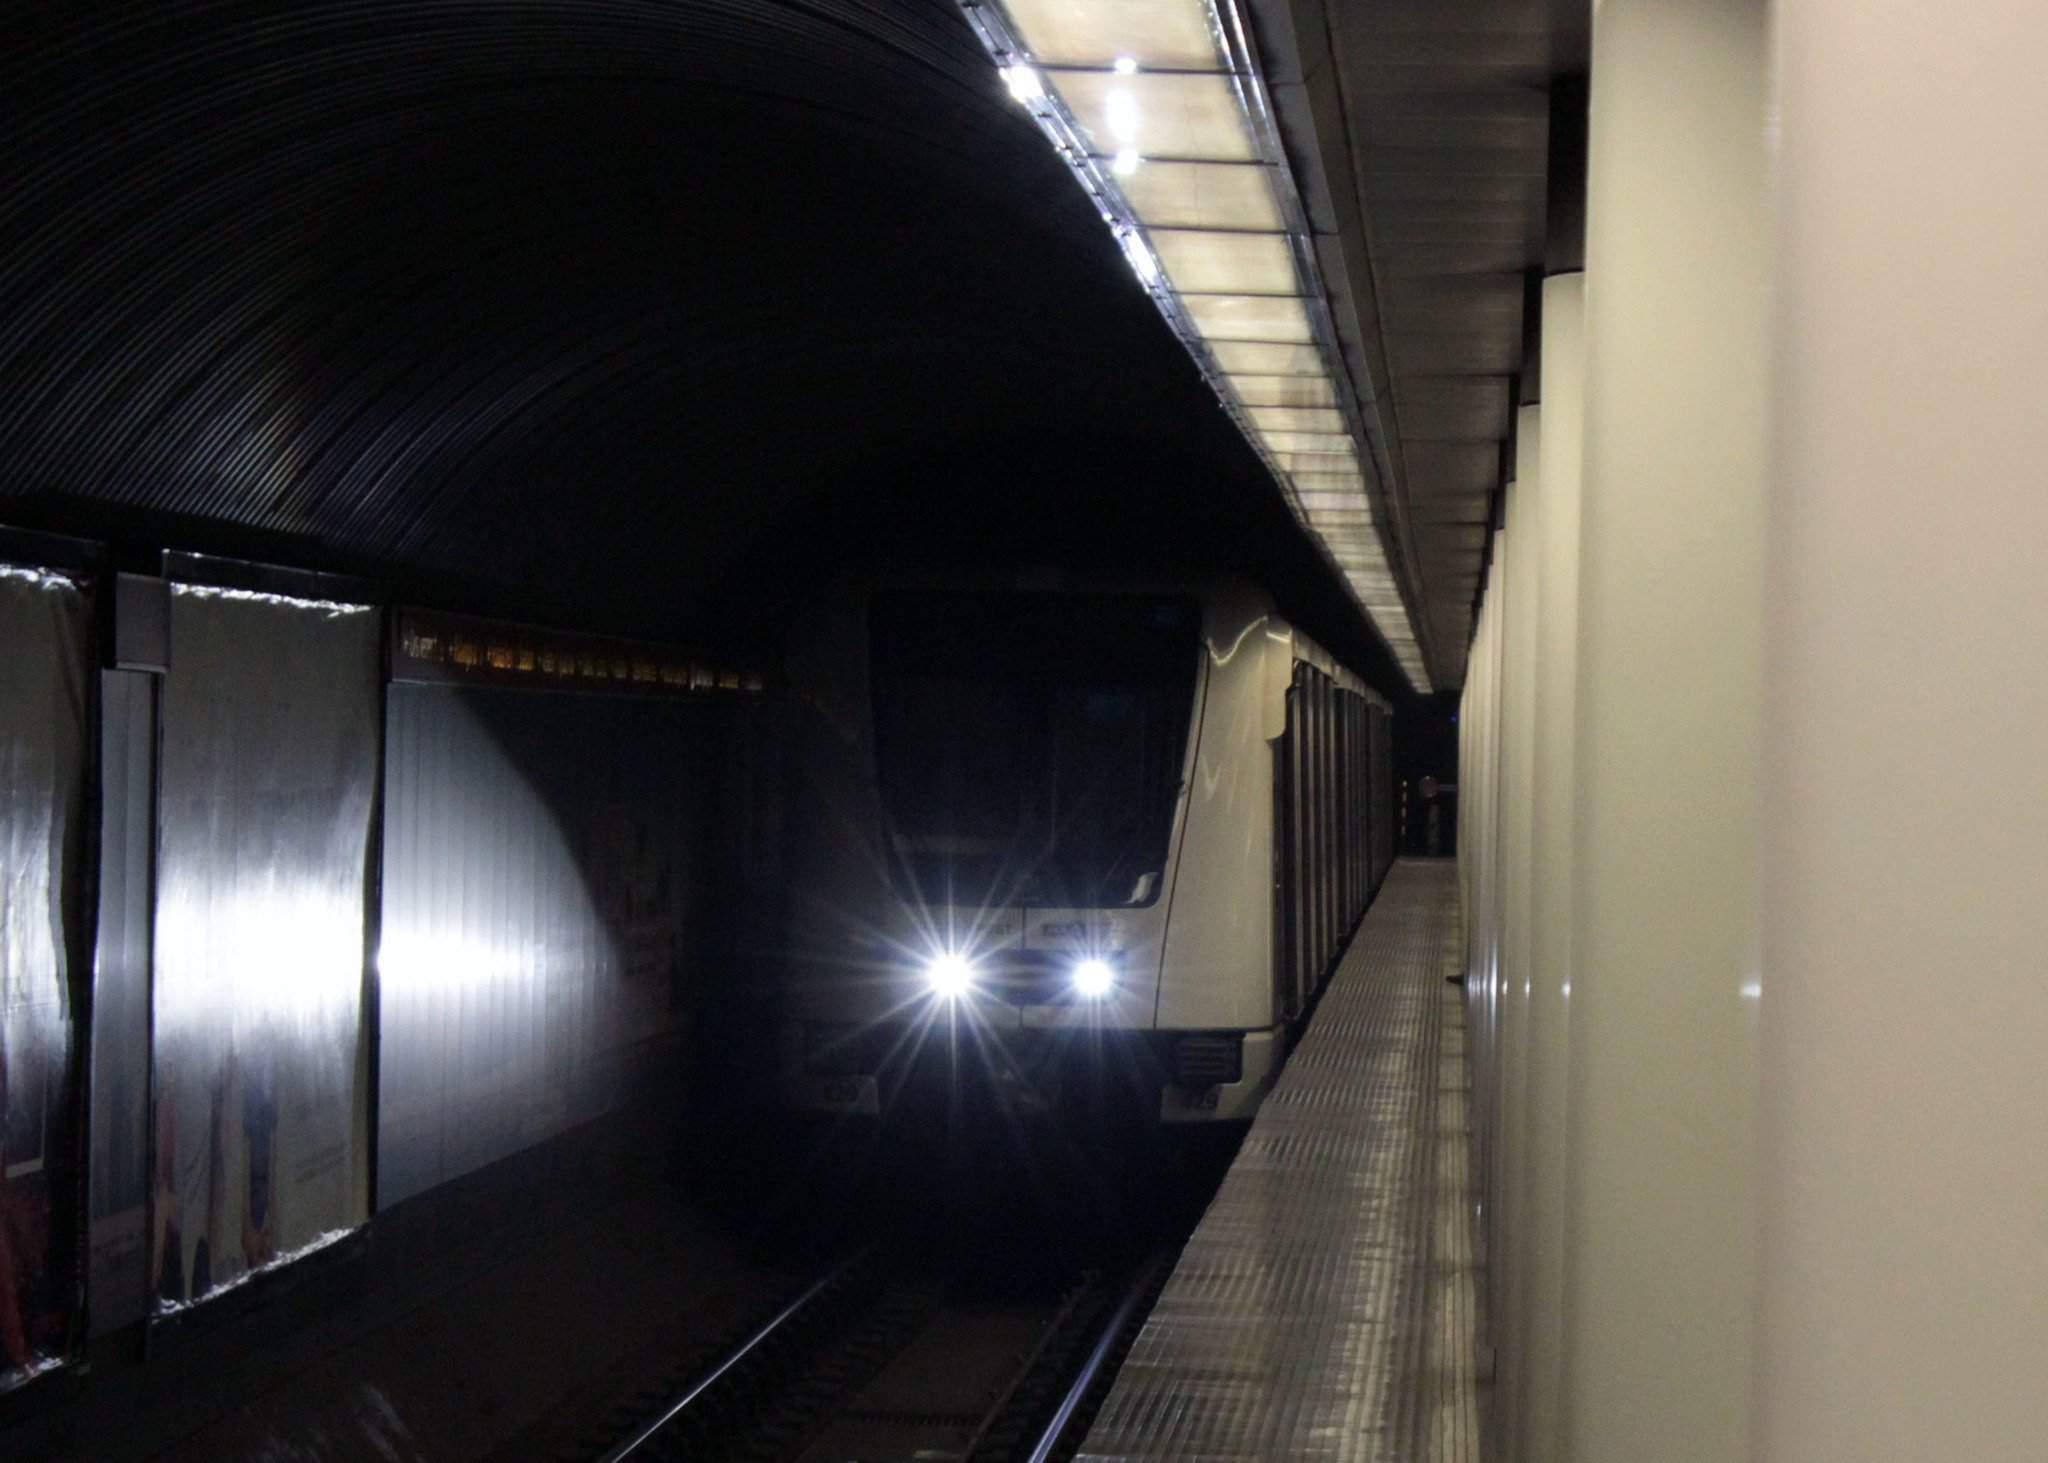 alstom bkk-m2-metro-budapest